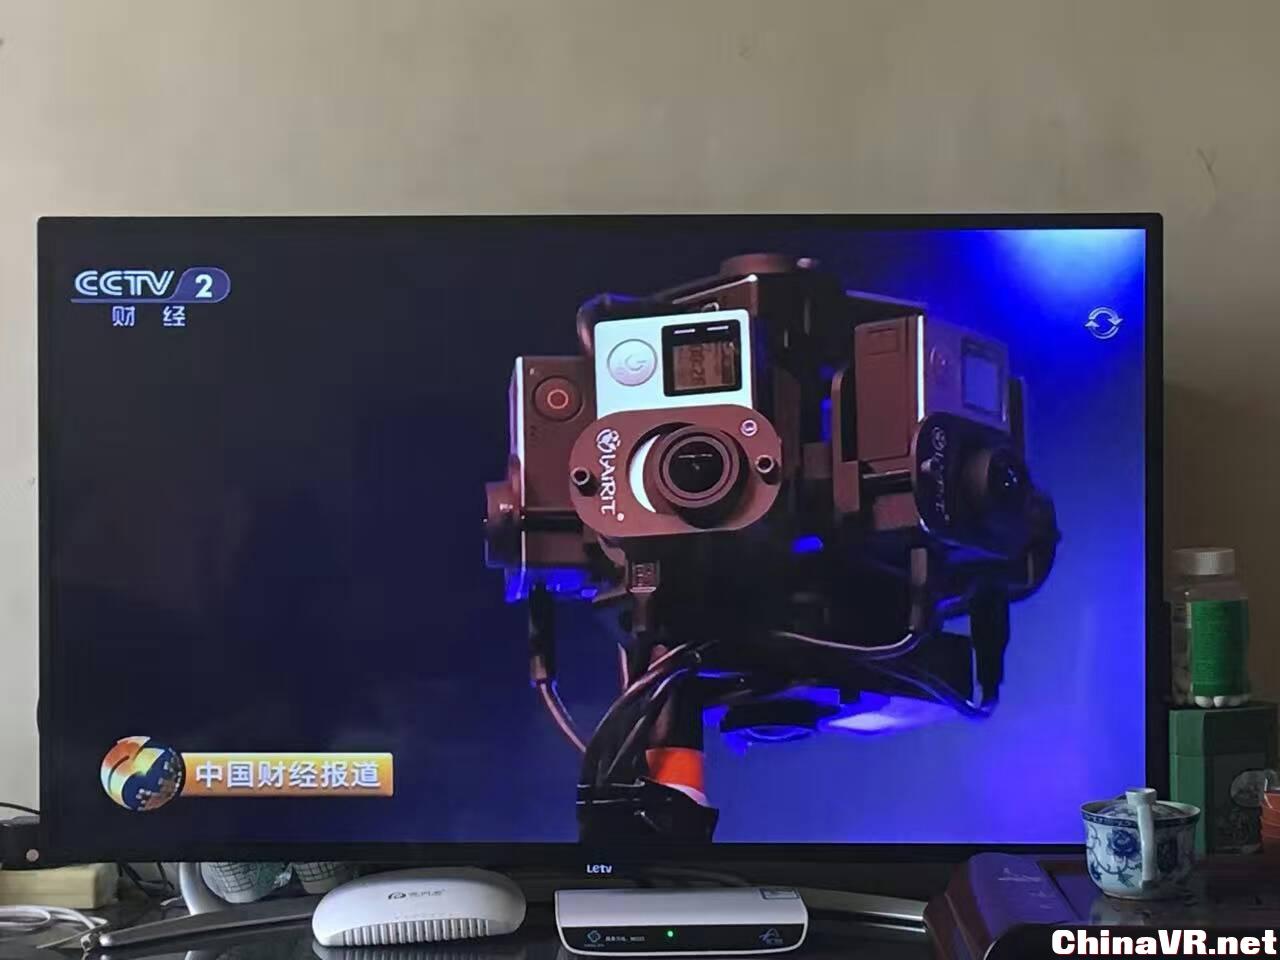 上镜CCTV-2.jpg